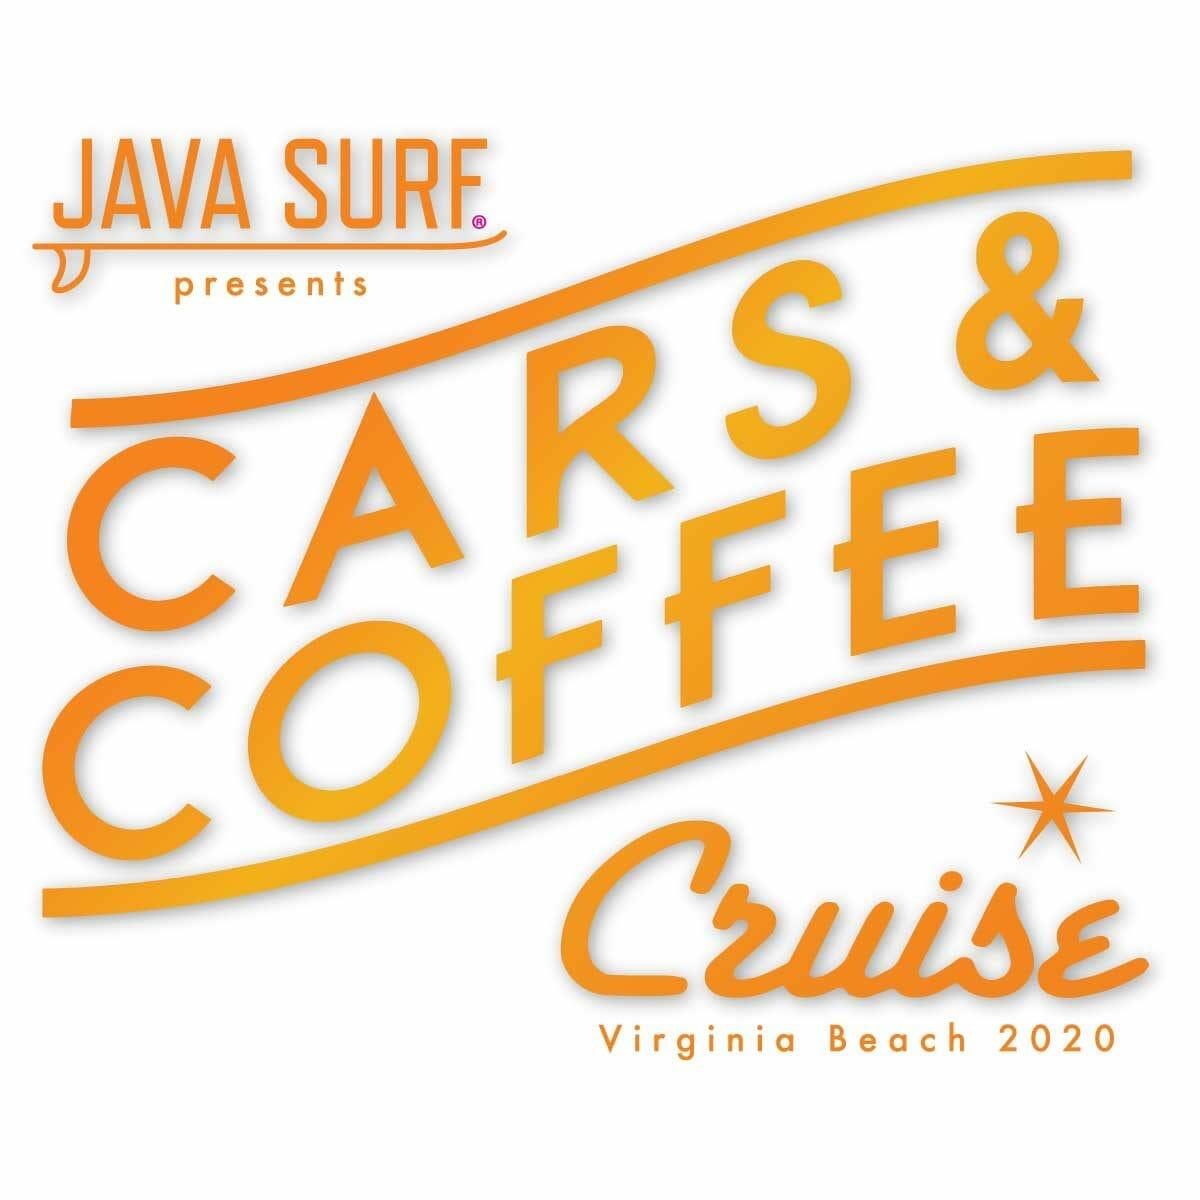 cars coffee cruise virginia beach 2020